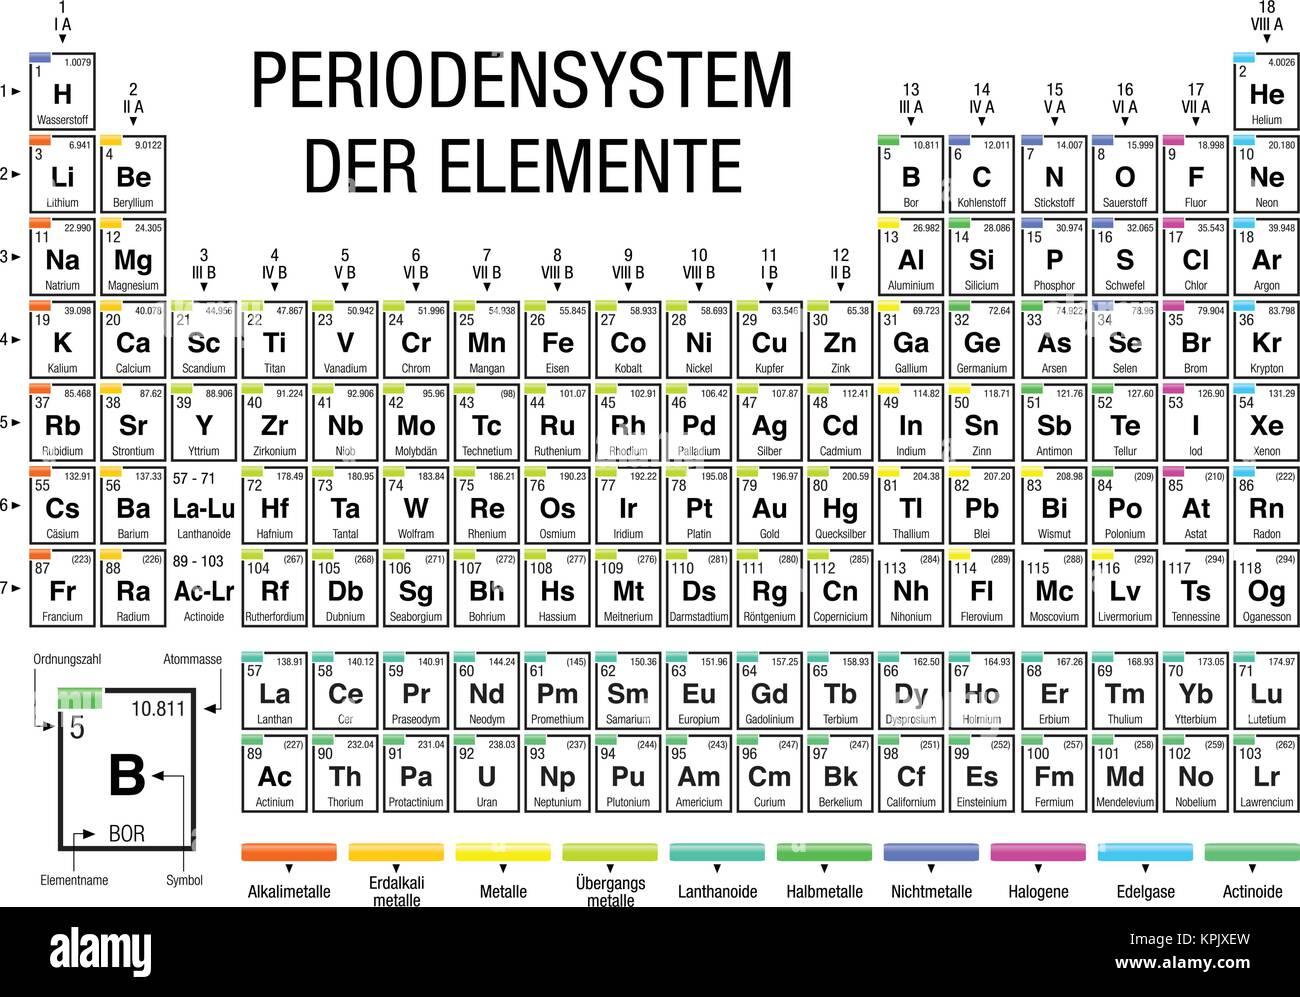 ELEMENTE DER PERIODENSYSTEM  Tabla Periódica De Elementos En Idioma Alemán   En Blanco Y Negro Con Los 4 Nuevos Elementos Incluidos En Noviembre 28,  2016 Por